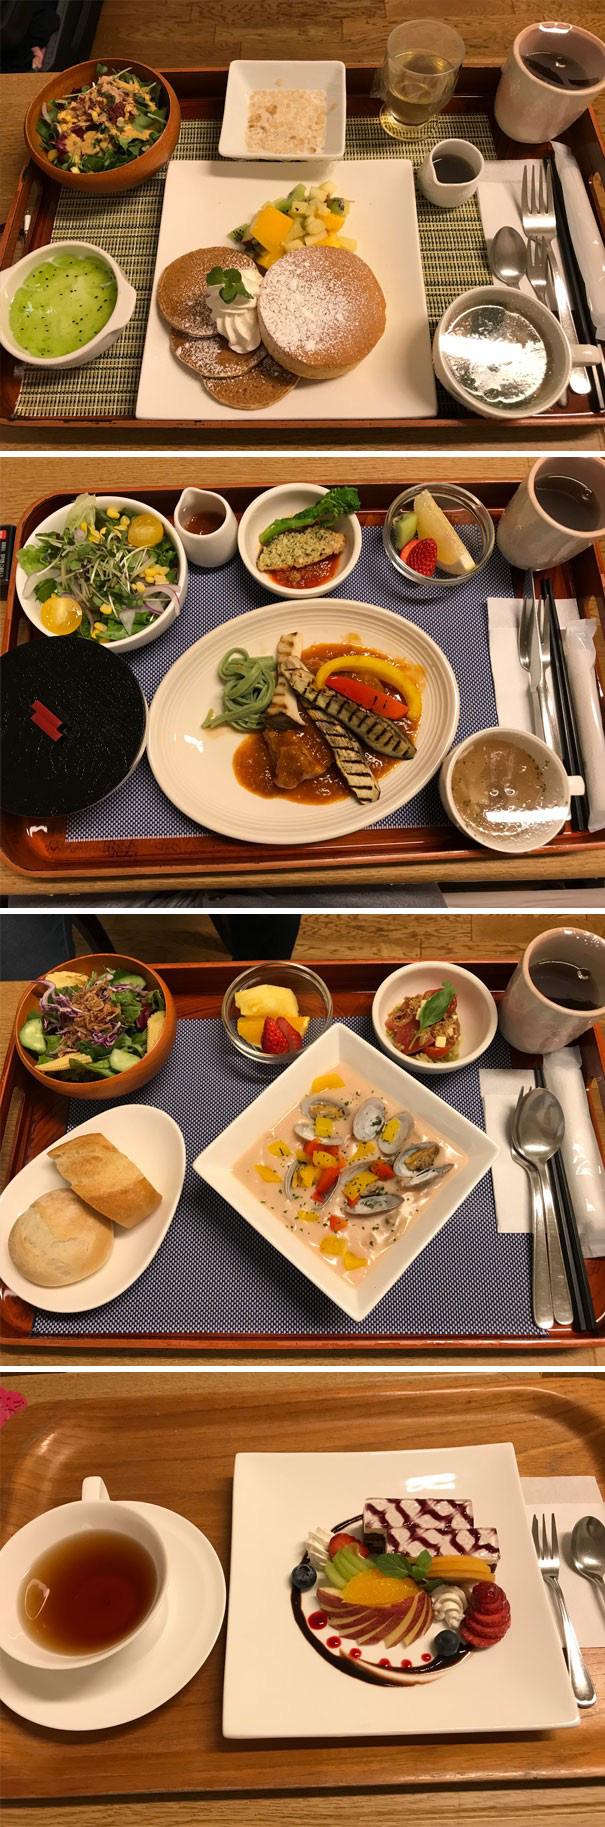 Cá koi bơi dưới cống, tận dụng nước rửa tay để xả bồn cầu và 22 sự thật thú vị về Nhật Bản thời hiện đại - Ảnh 2.